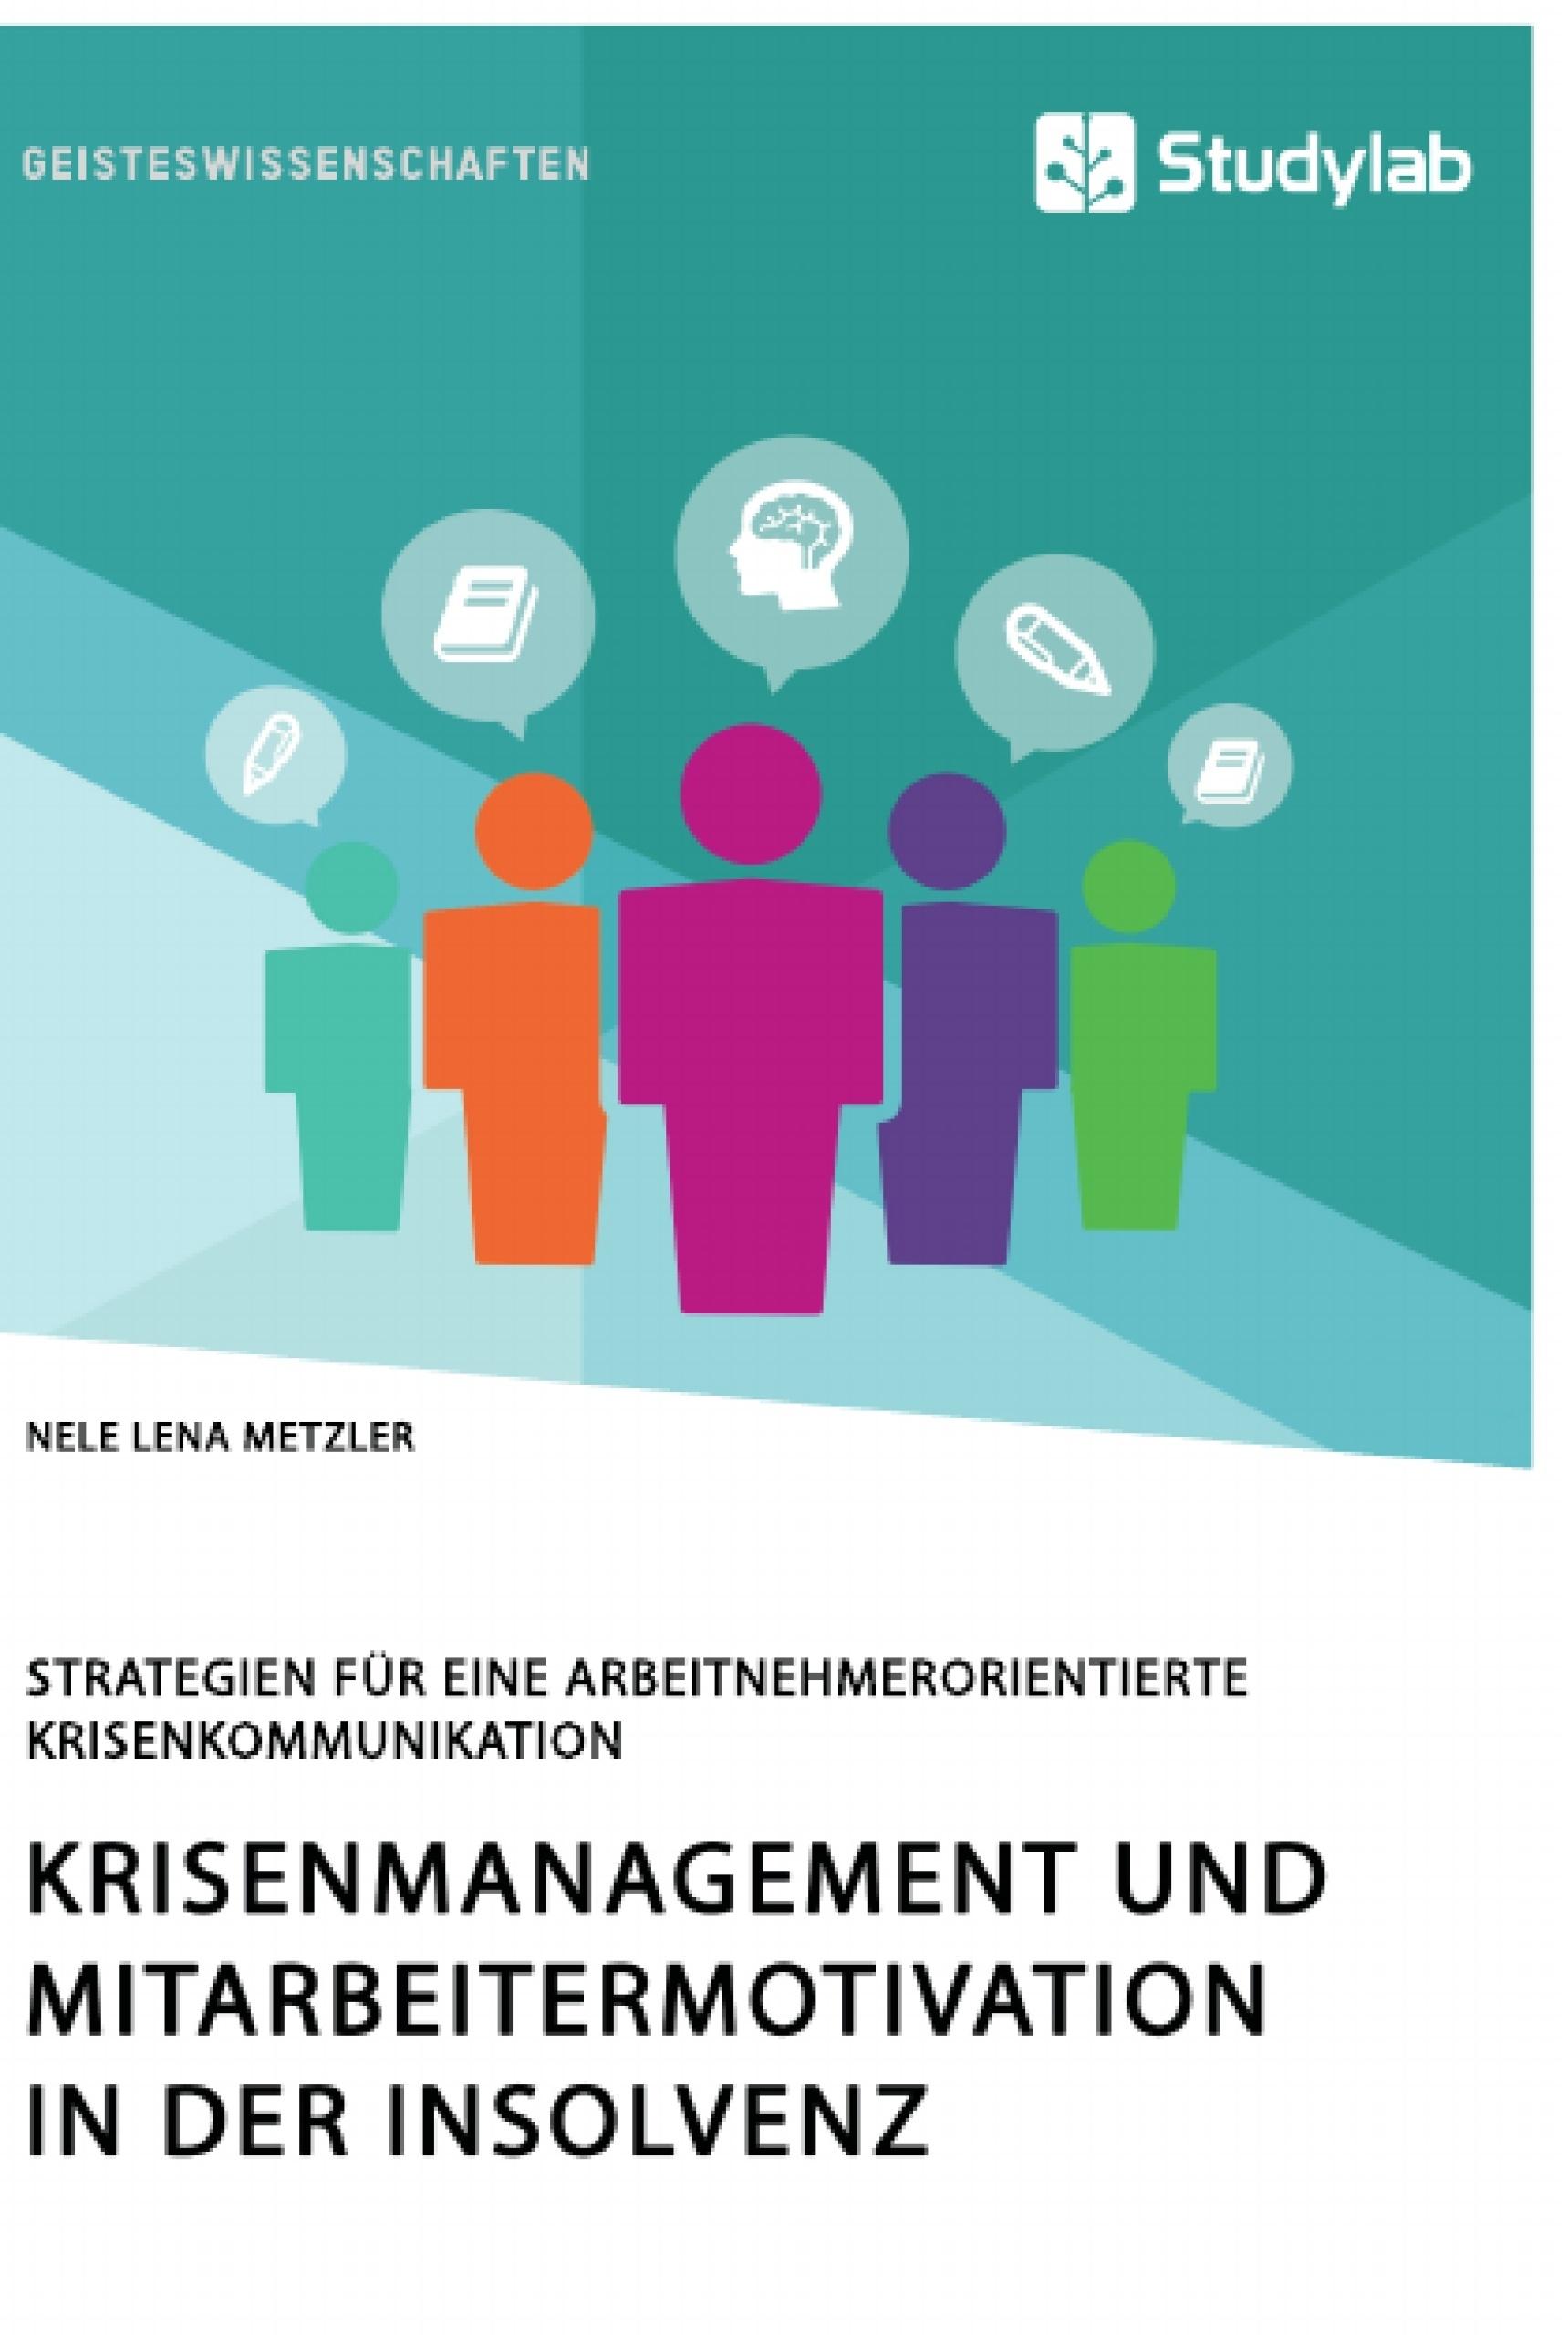 Titel: Krisenmanagement und Mitarbeitermotivation in der Insolvenz. Strategien für eine arbeitnehmerorientierte Krisenkommunikation